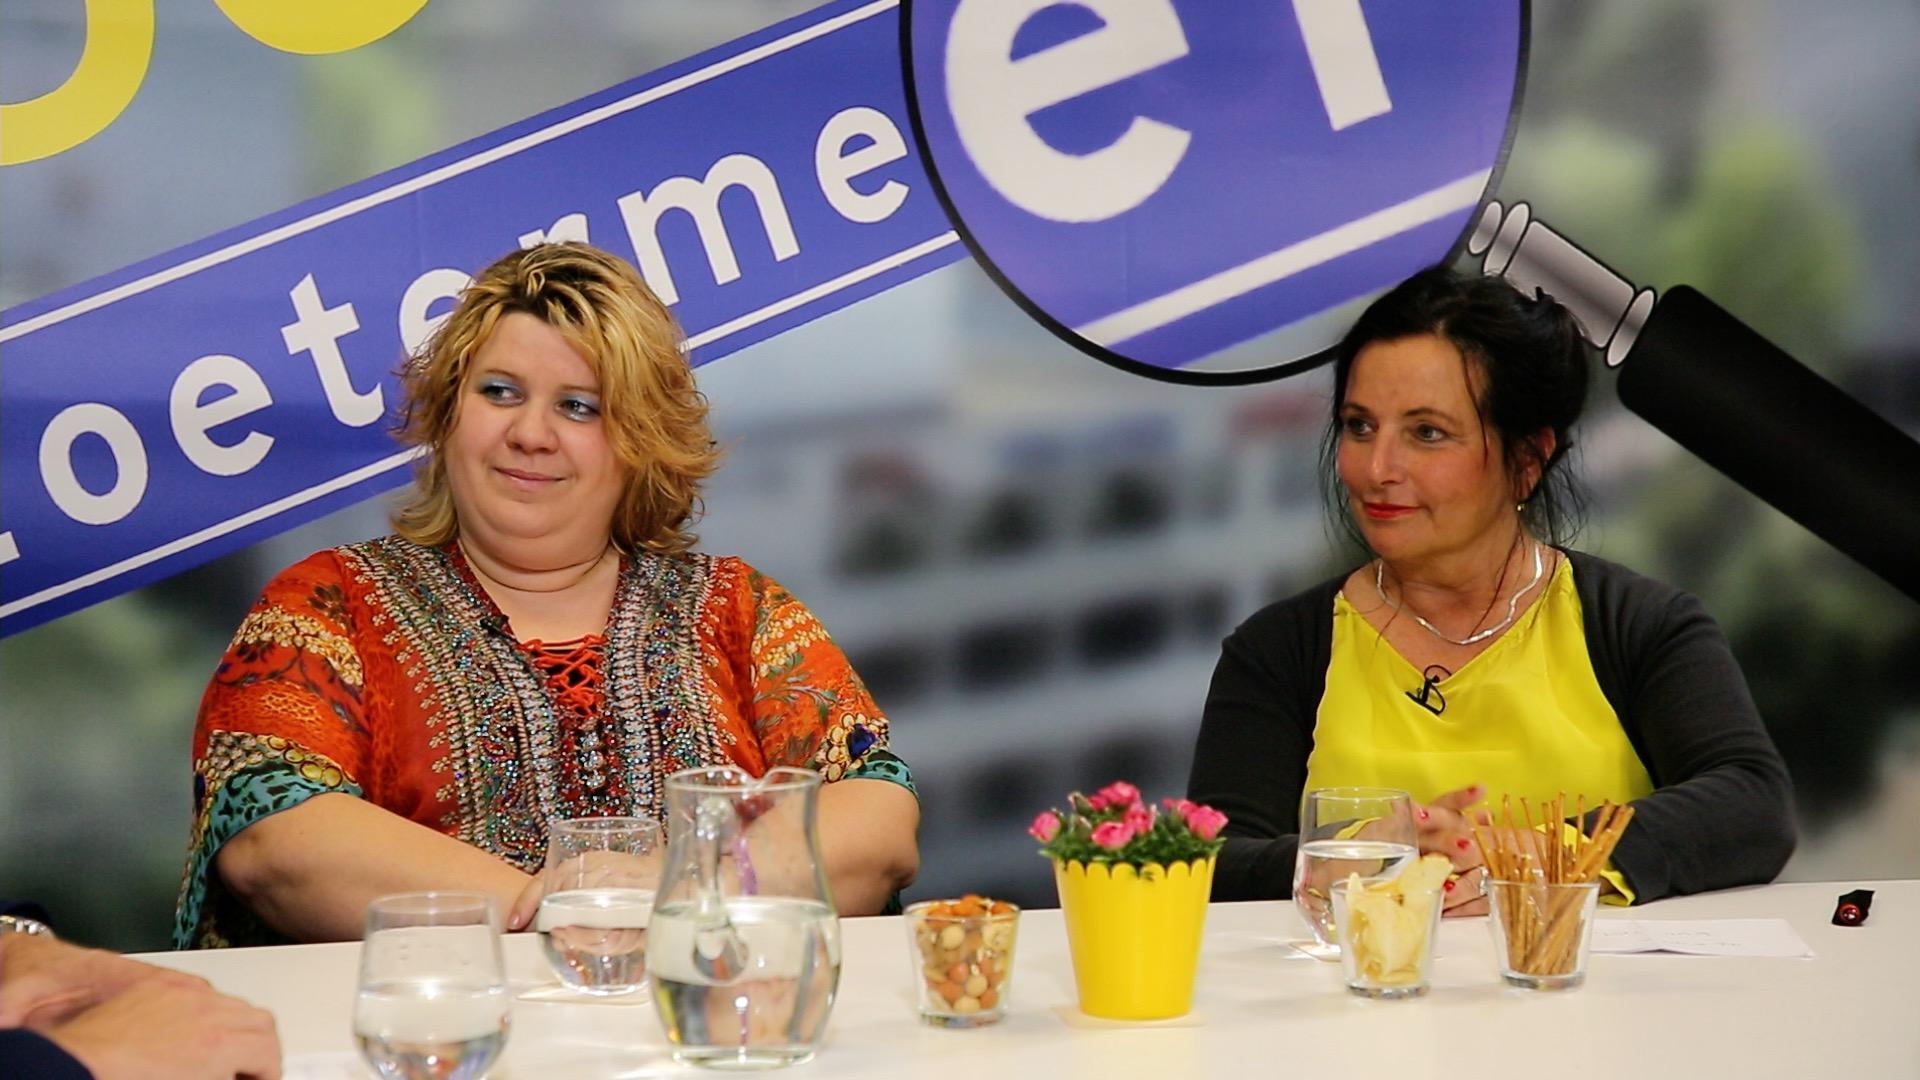 Focus op Zoetermeer (Jaargang 1 Aflevering 8)